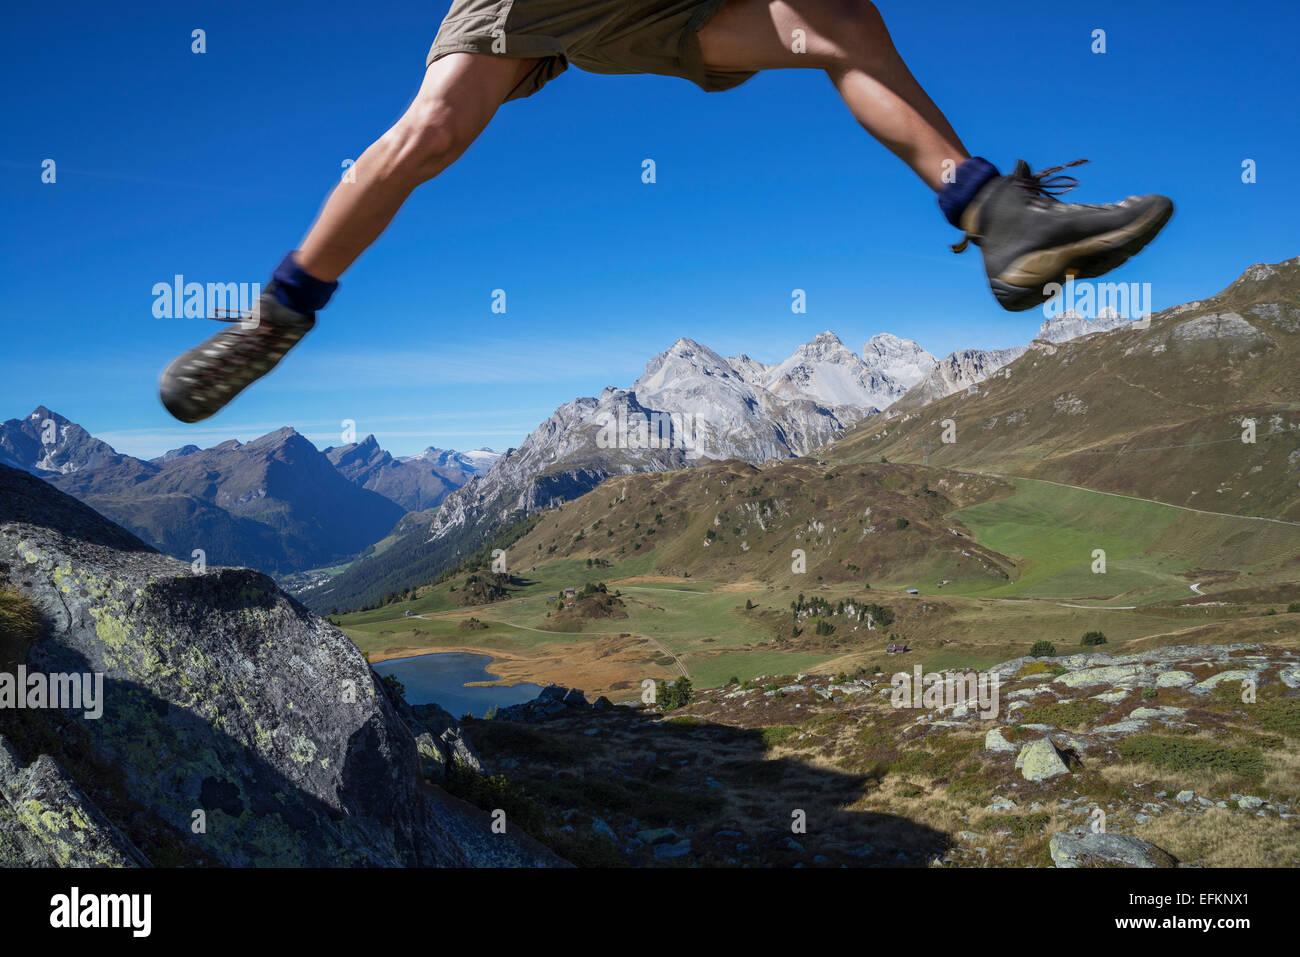 Les jambes de male hiker sautant au dessus des rochers, Lai da Fons, Canton des Grisons, Suisse Photo Stock